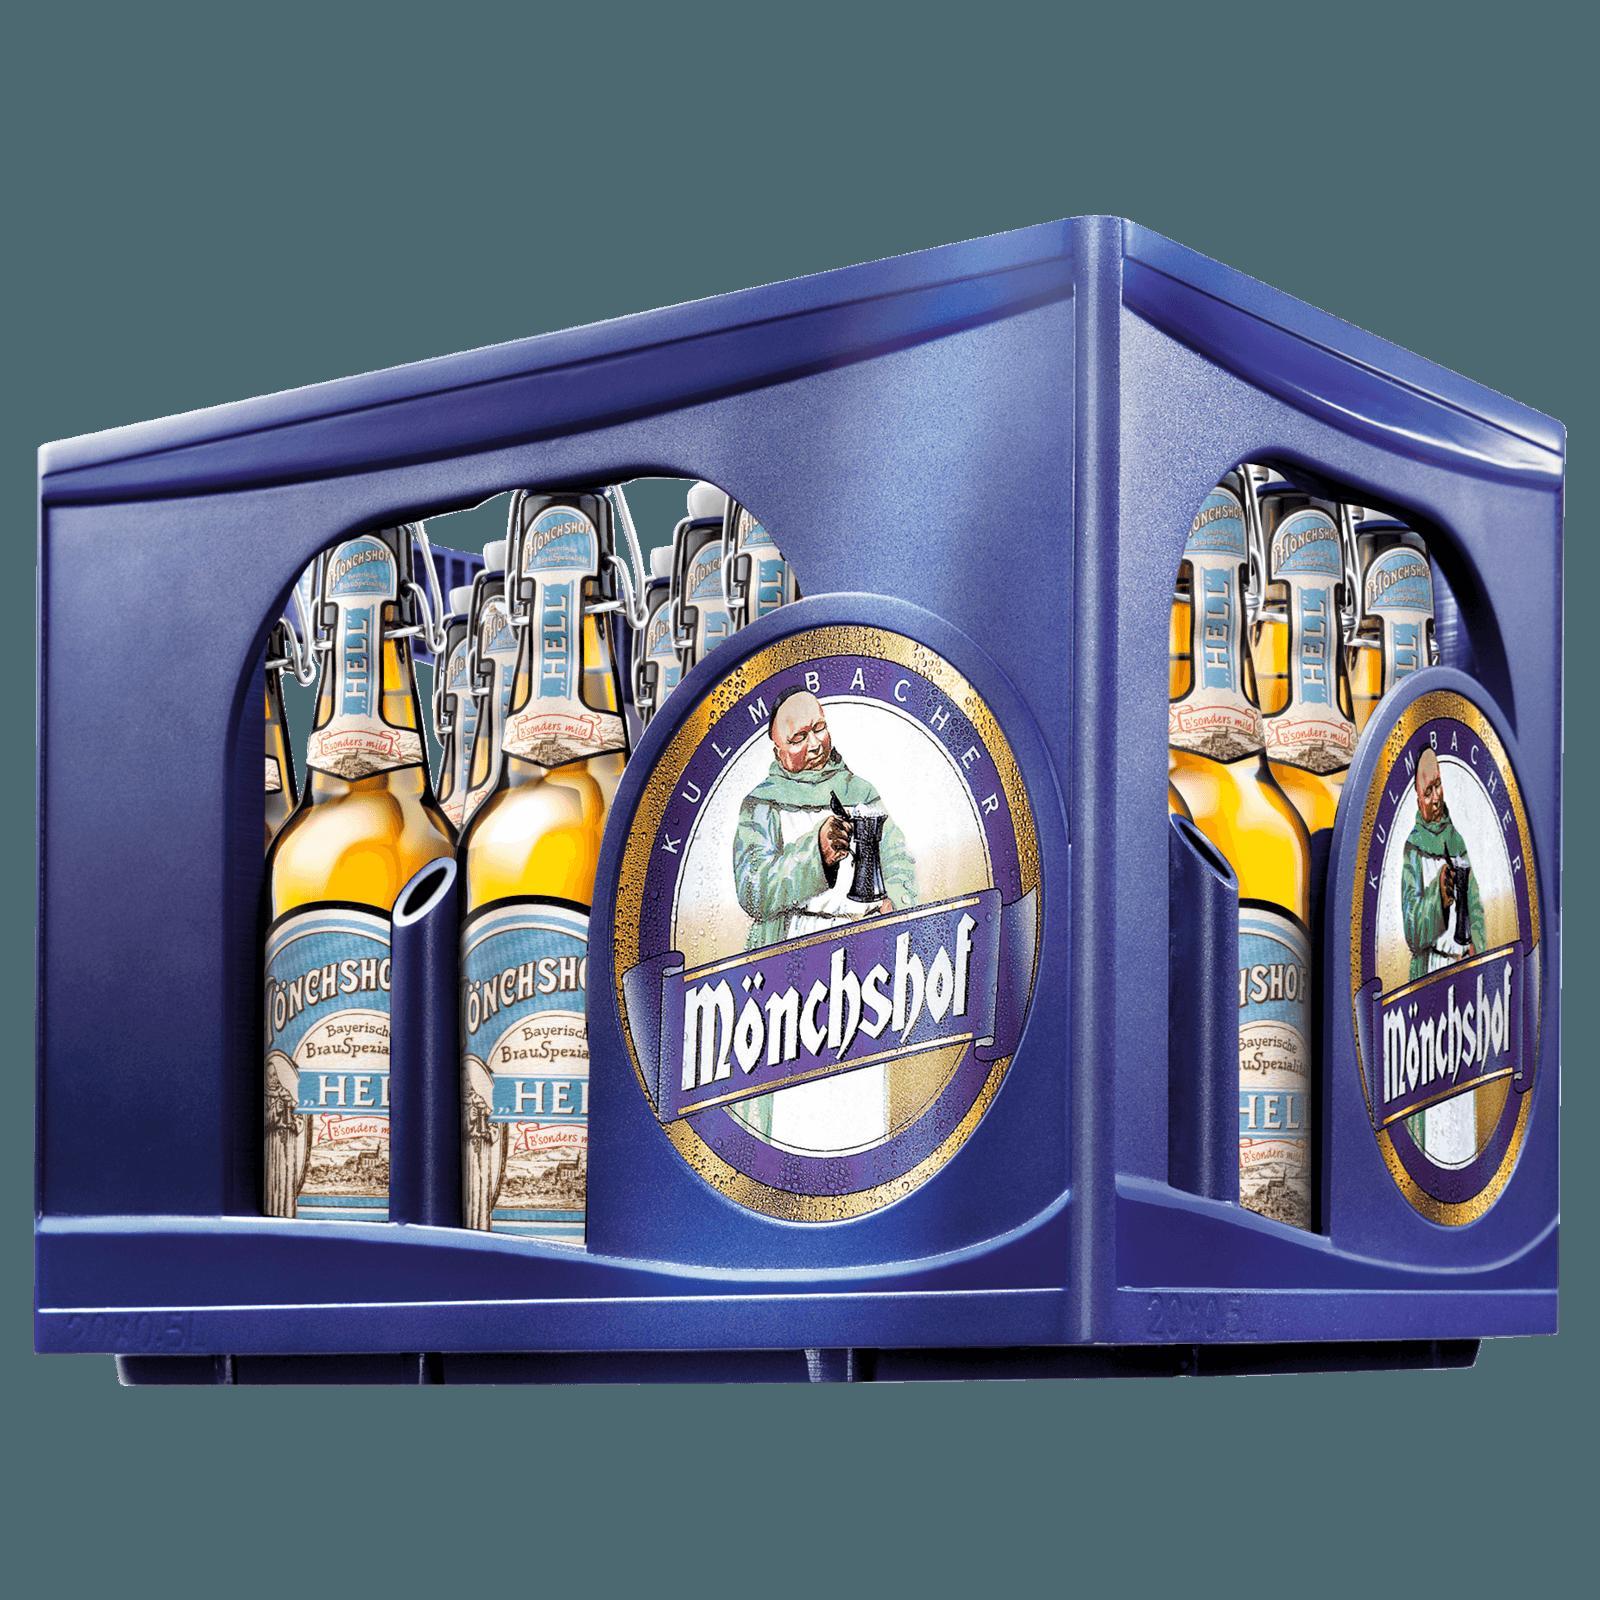 Mönchshof Bayerisch hell 20x0,5l